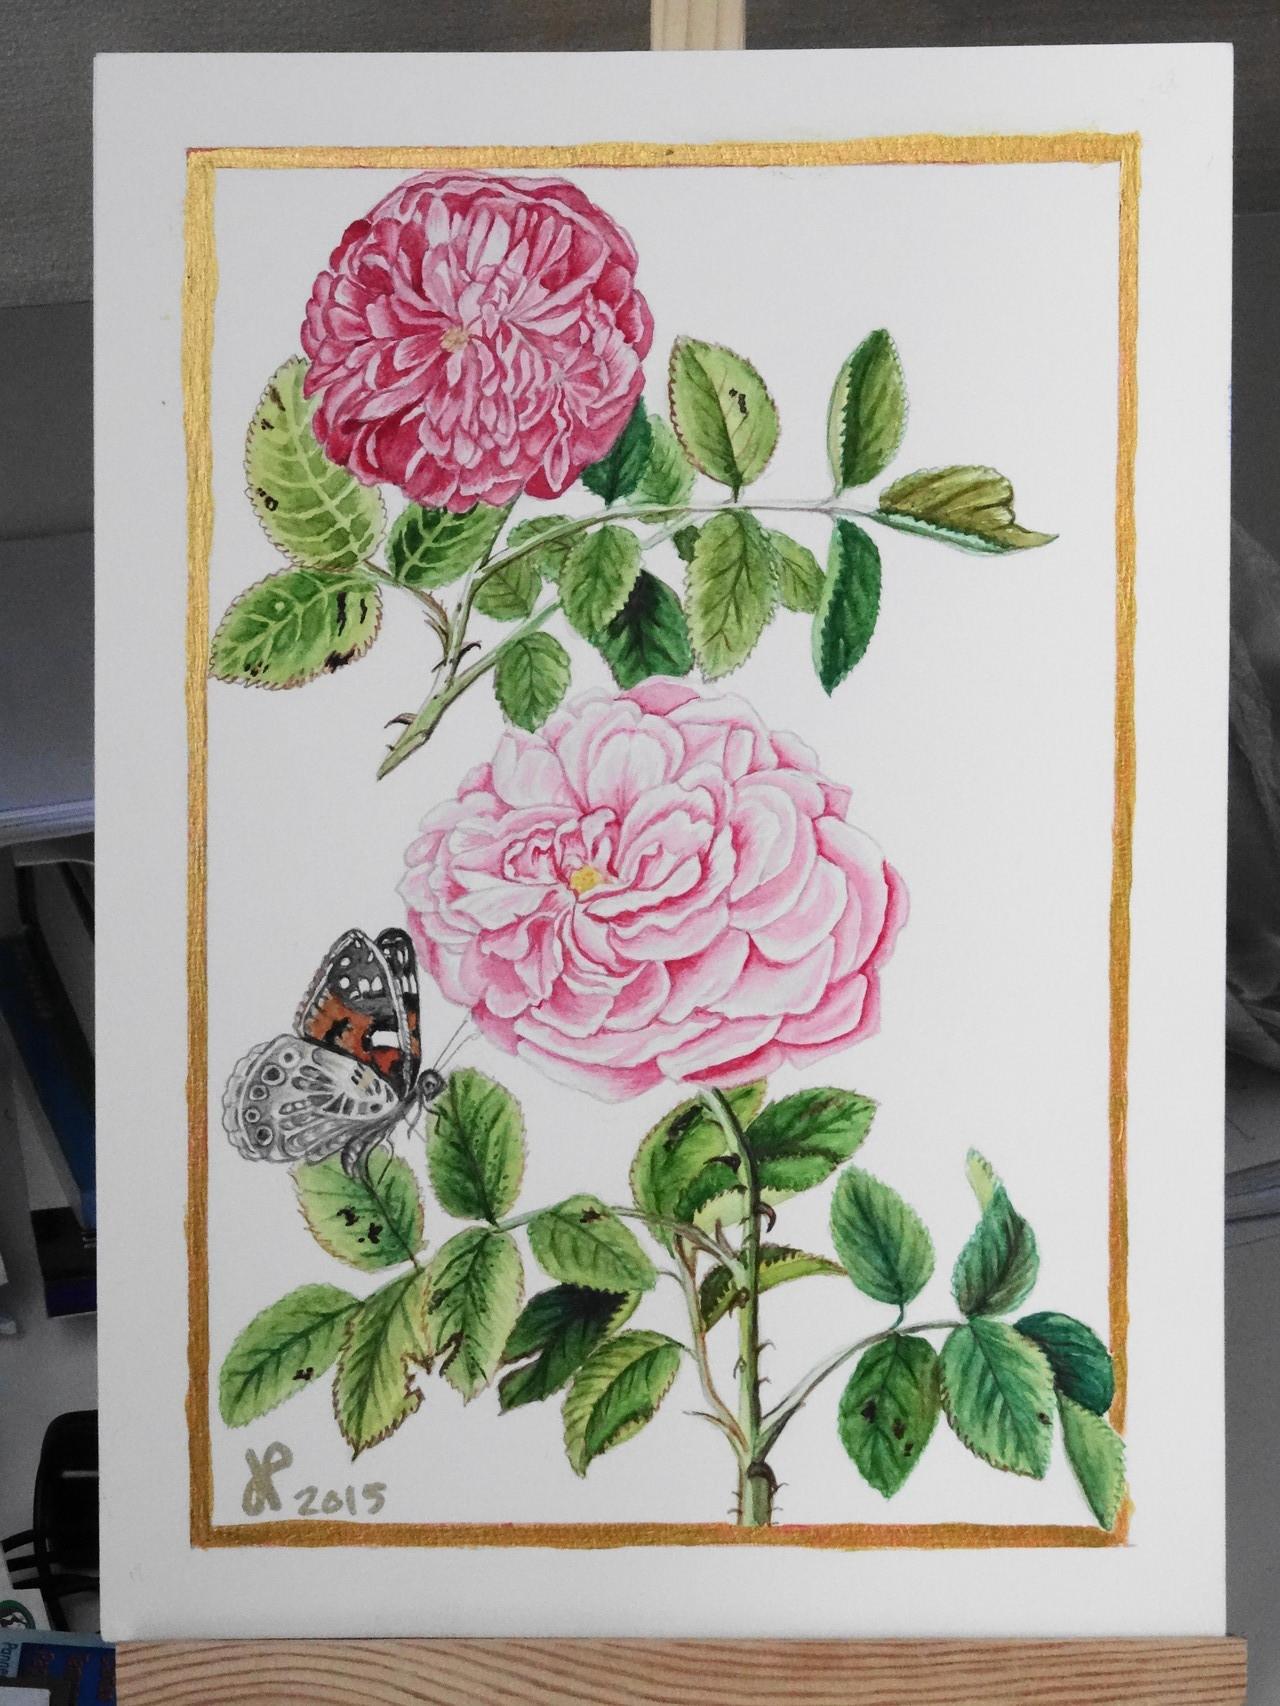 Roses Rabel 2015